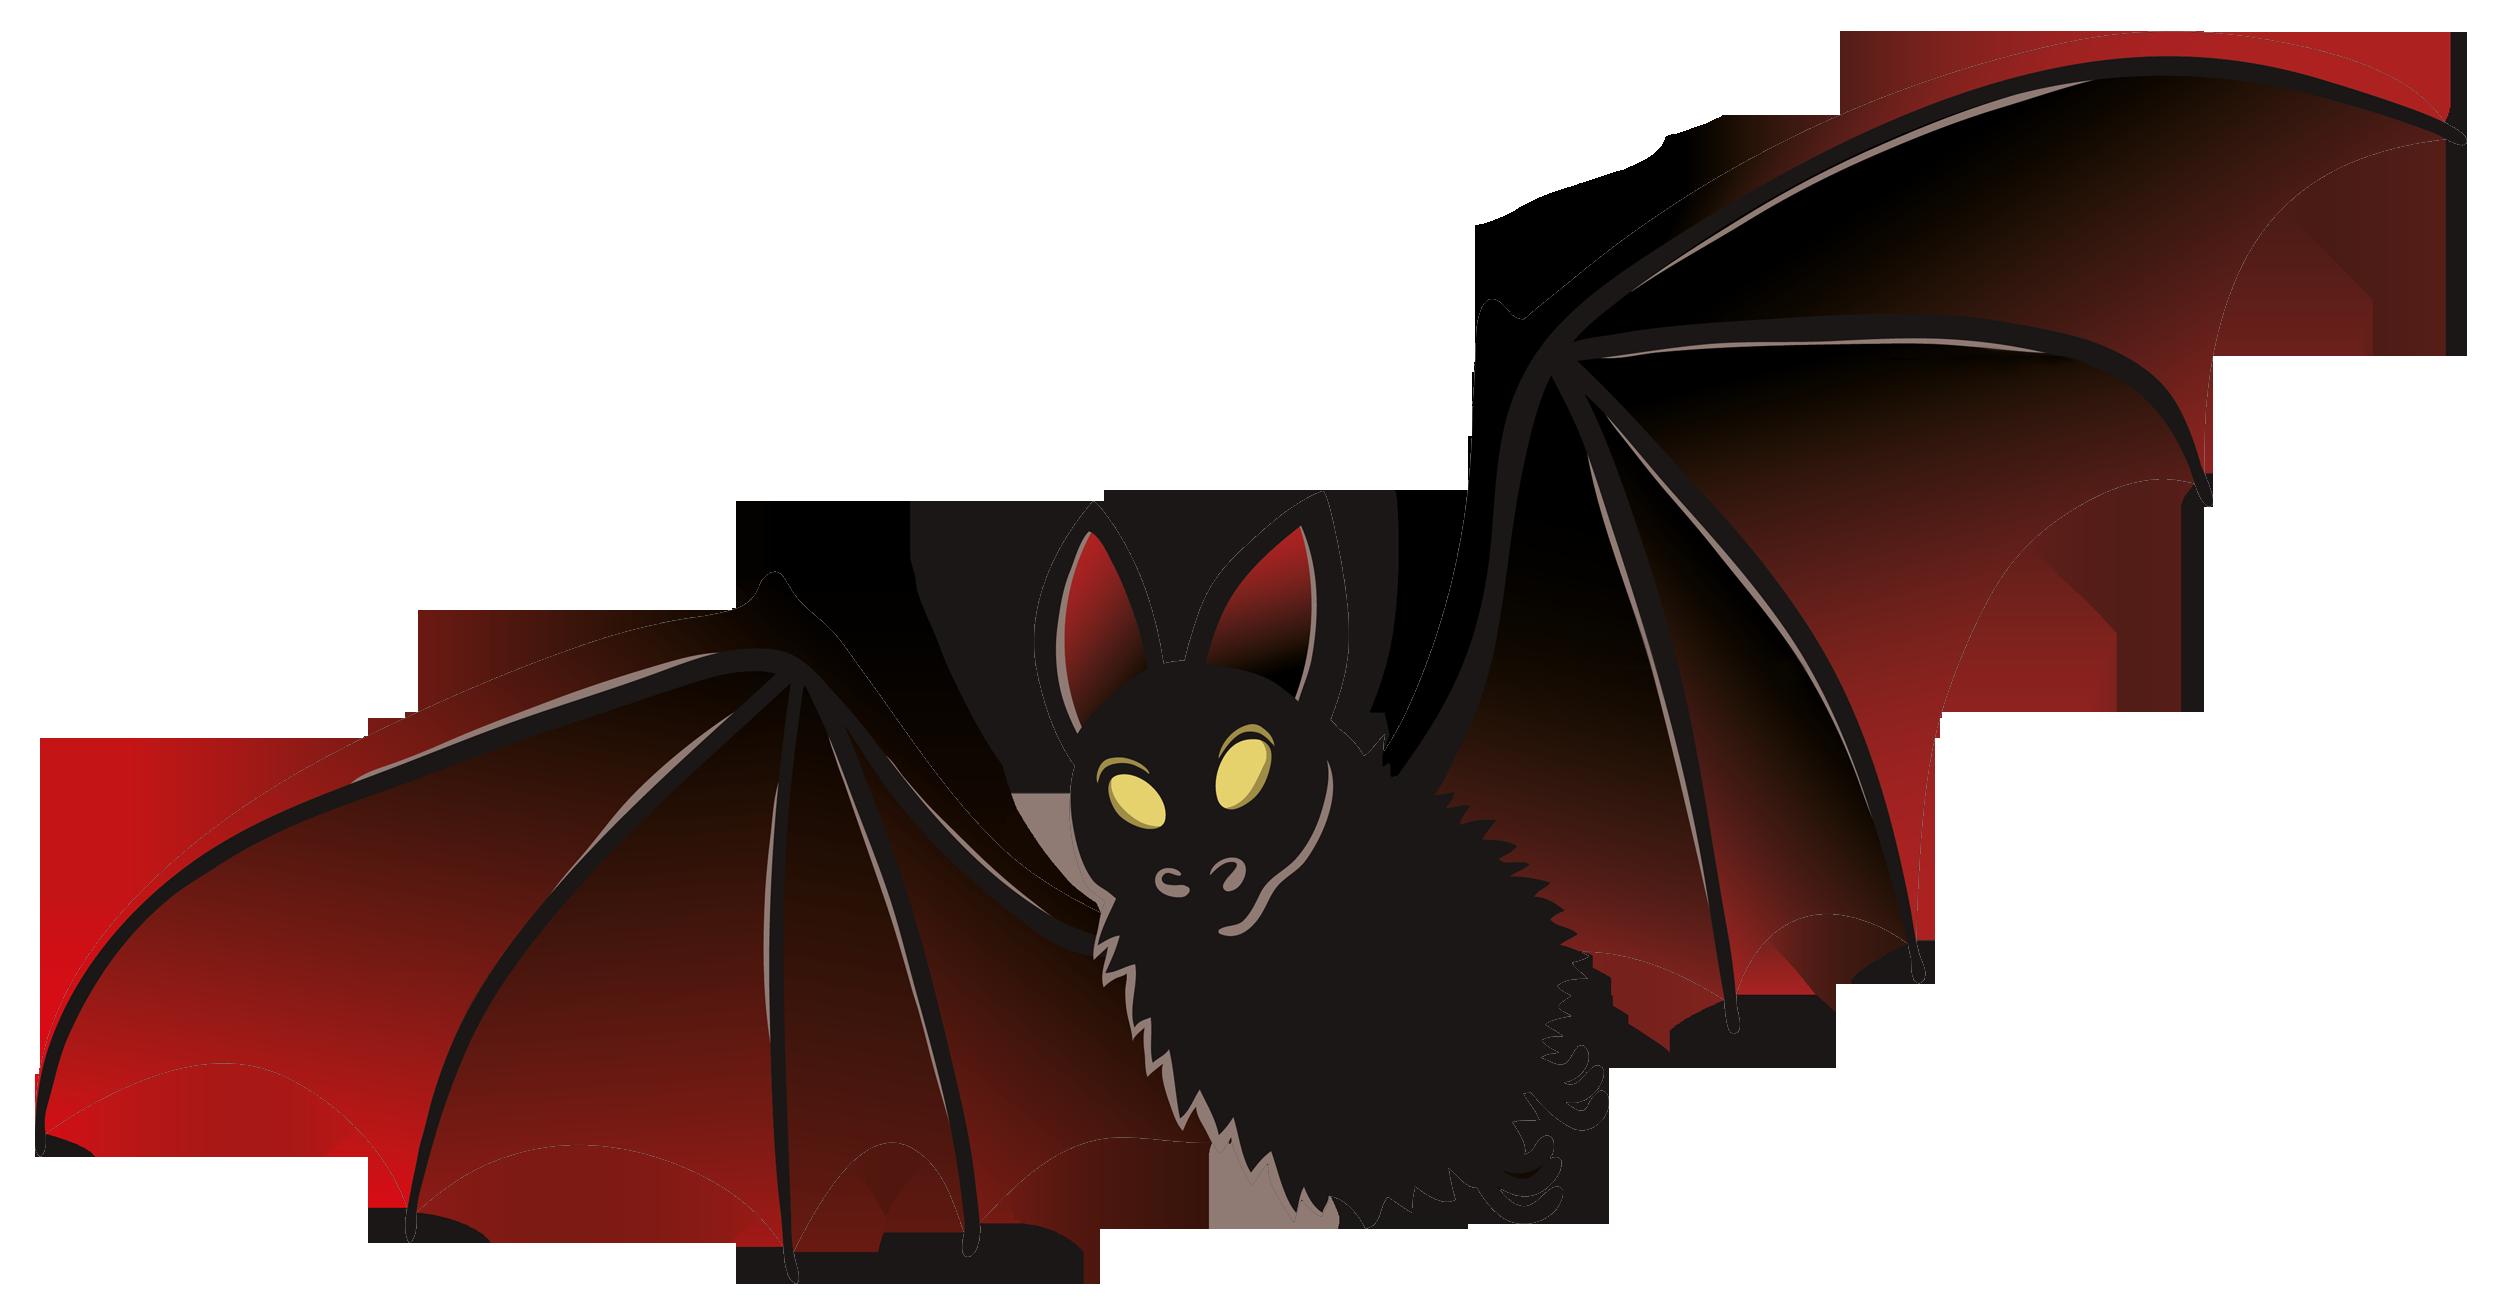 Bat clipart #2, Download drawings